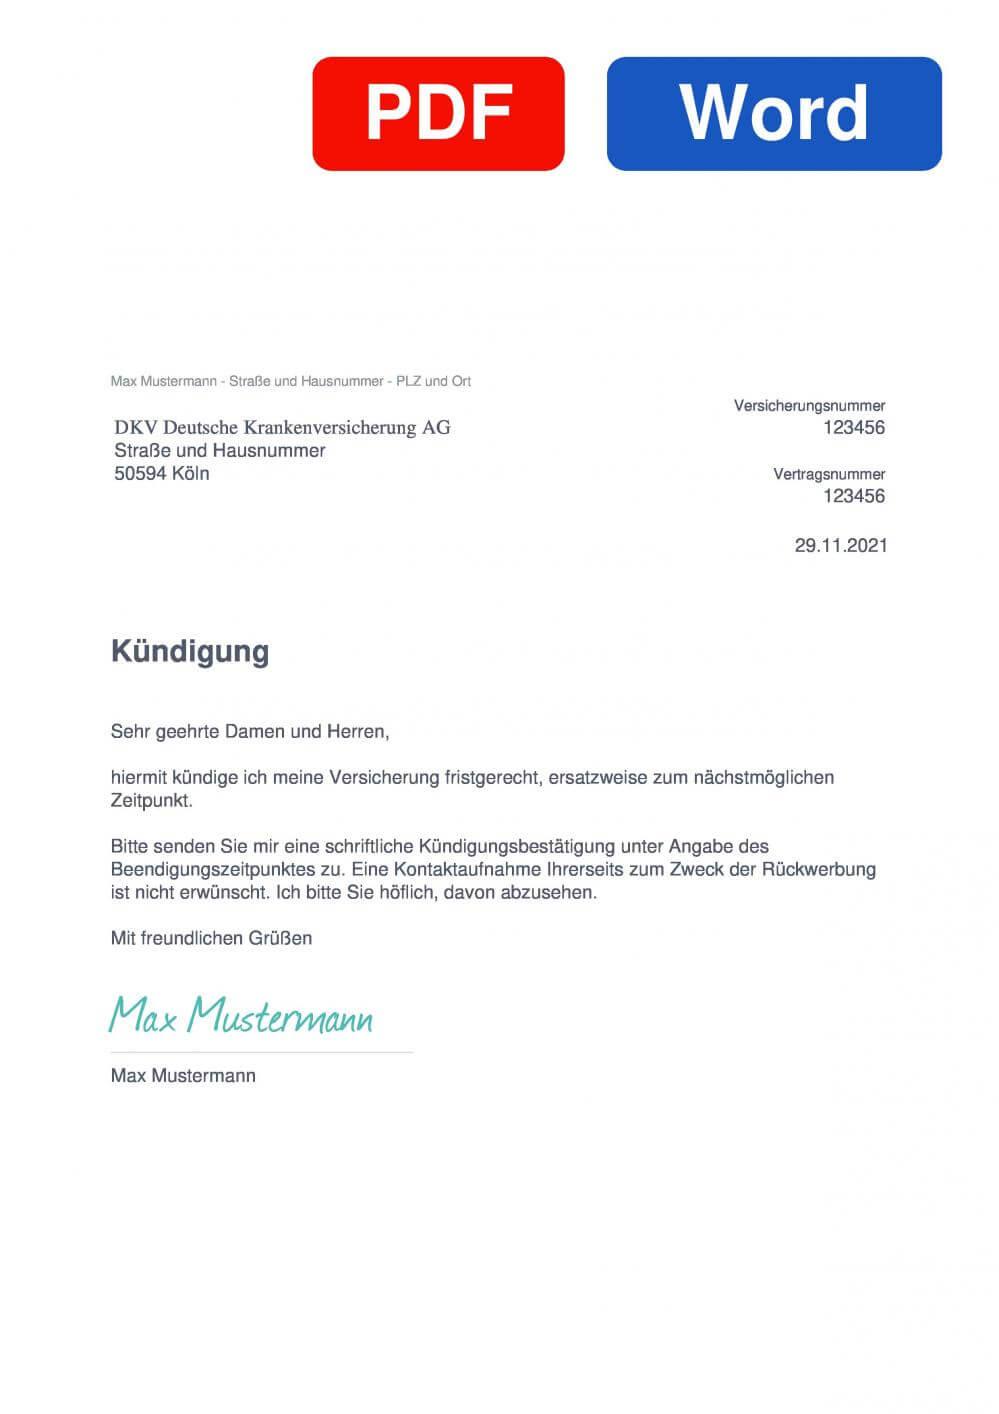 DKV Auslandskrankenversicherung Muster Vorlage für Kündigungsschreiben